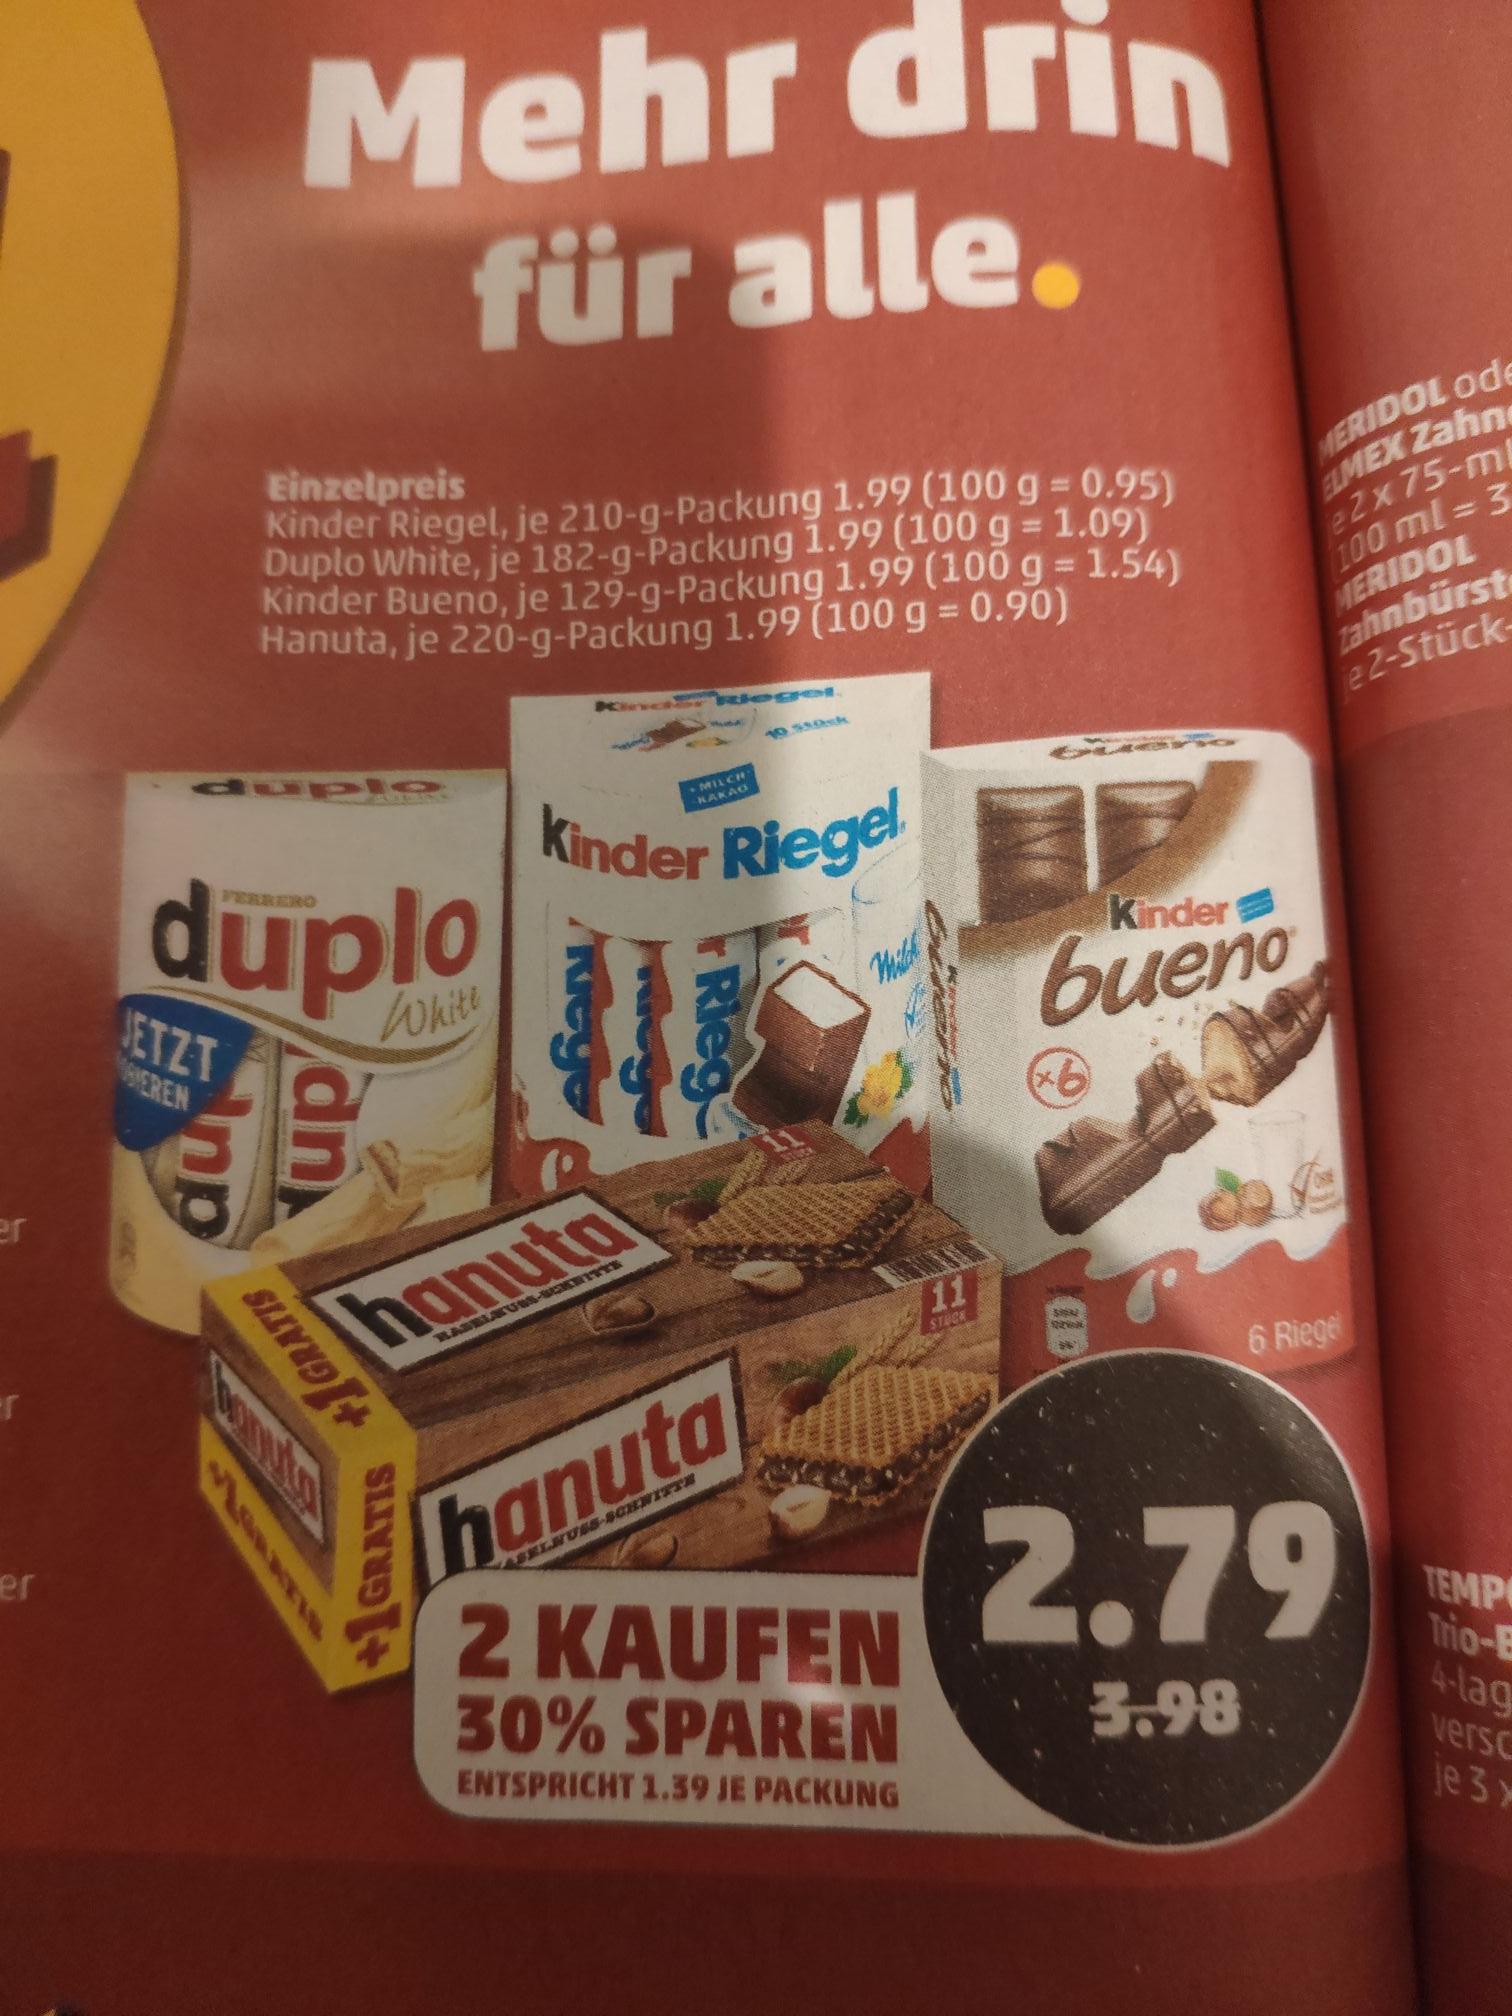 (Penny) 2x Ferrero Produkte für 2,79 kaufen und 2x10€ ecoupon für Deutsche Bahn erhalten. Ab den 7.1